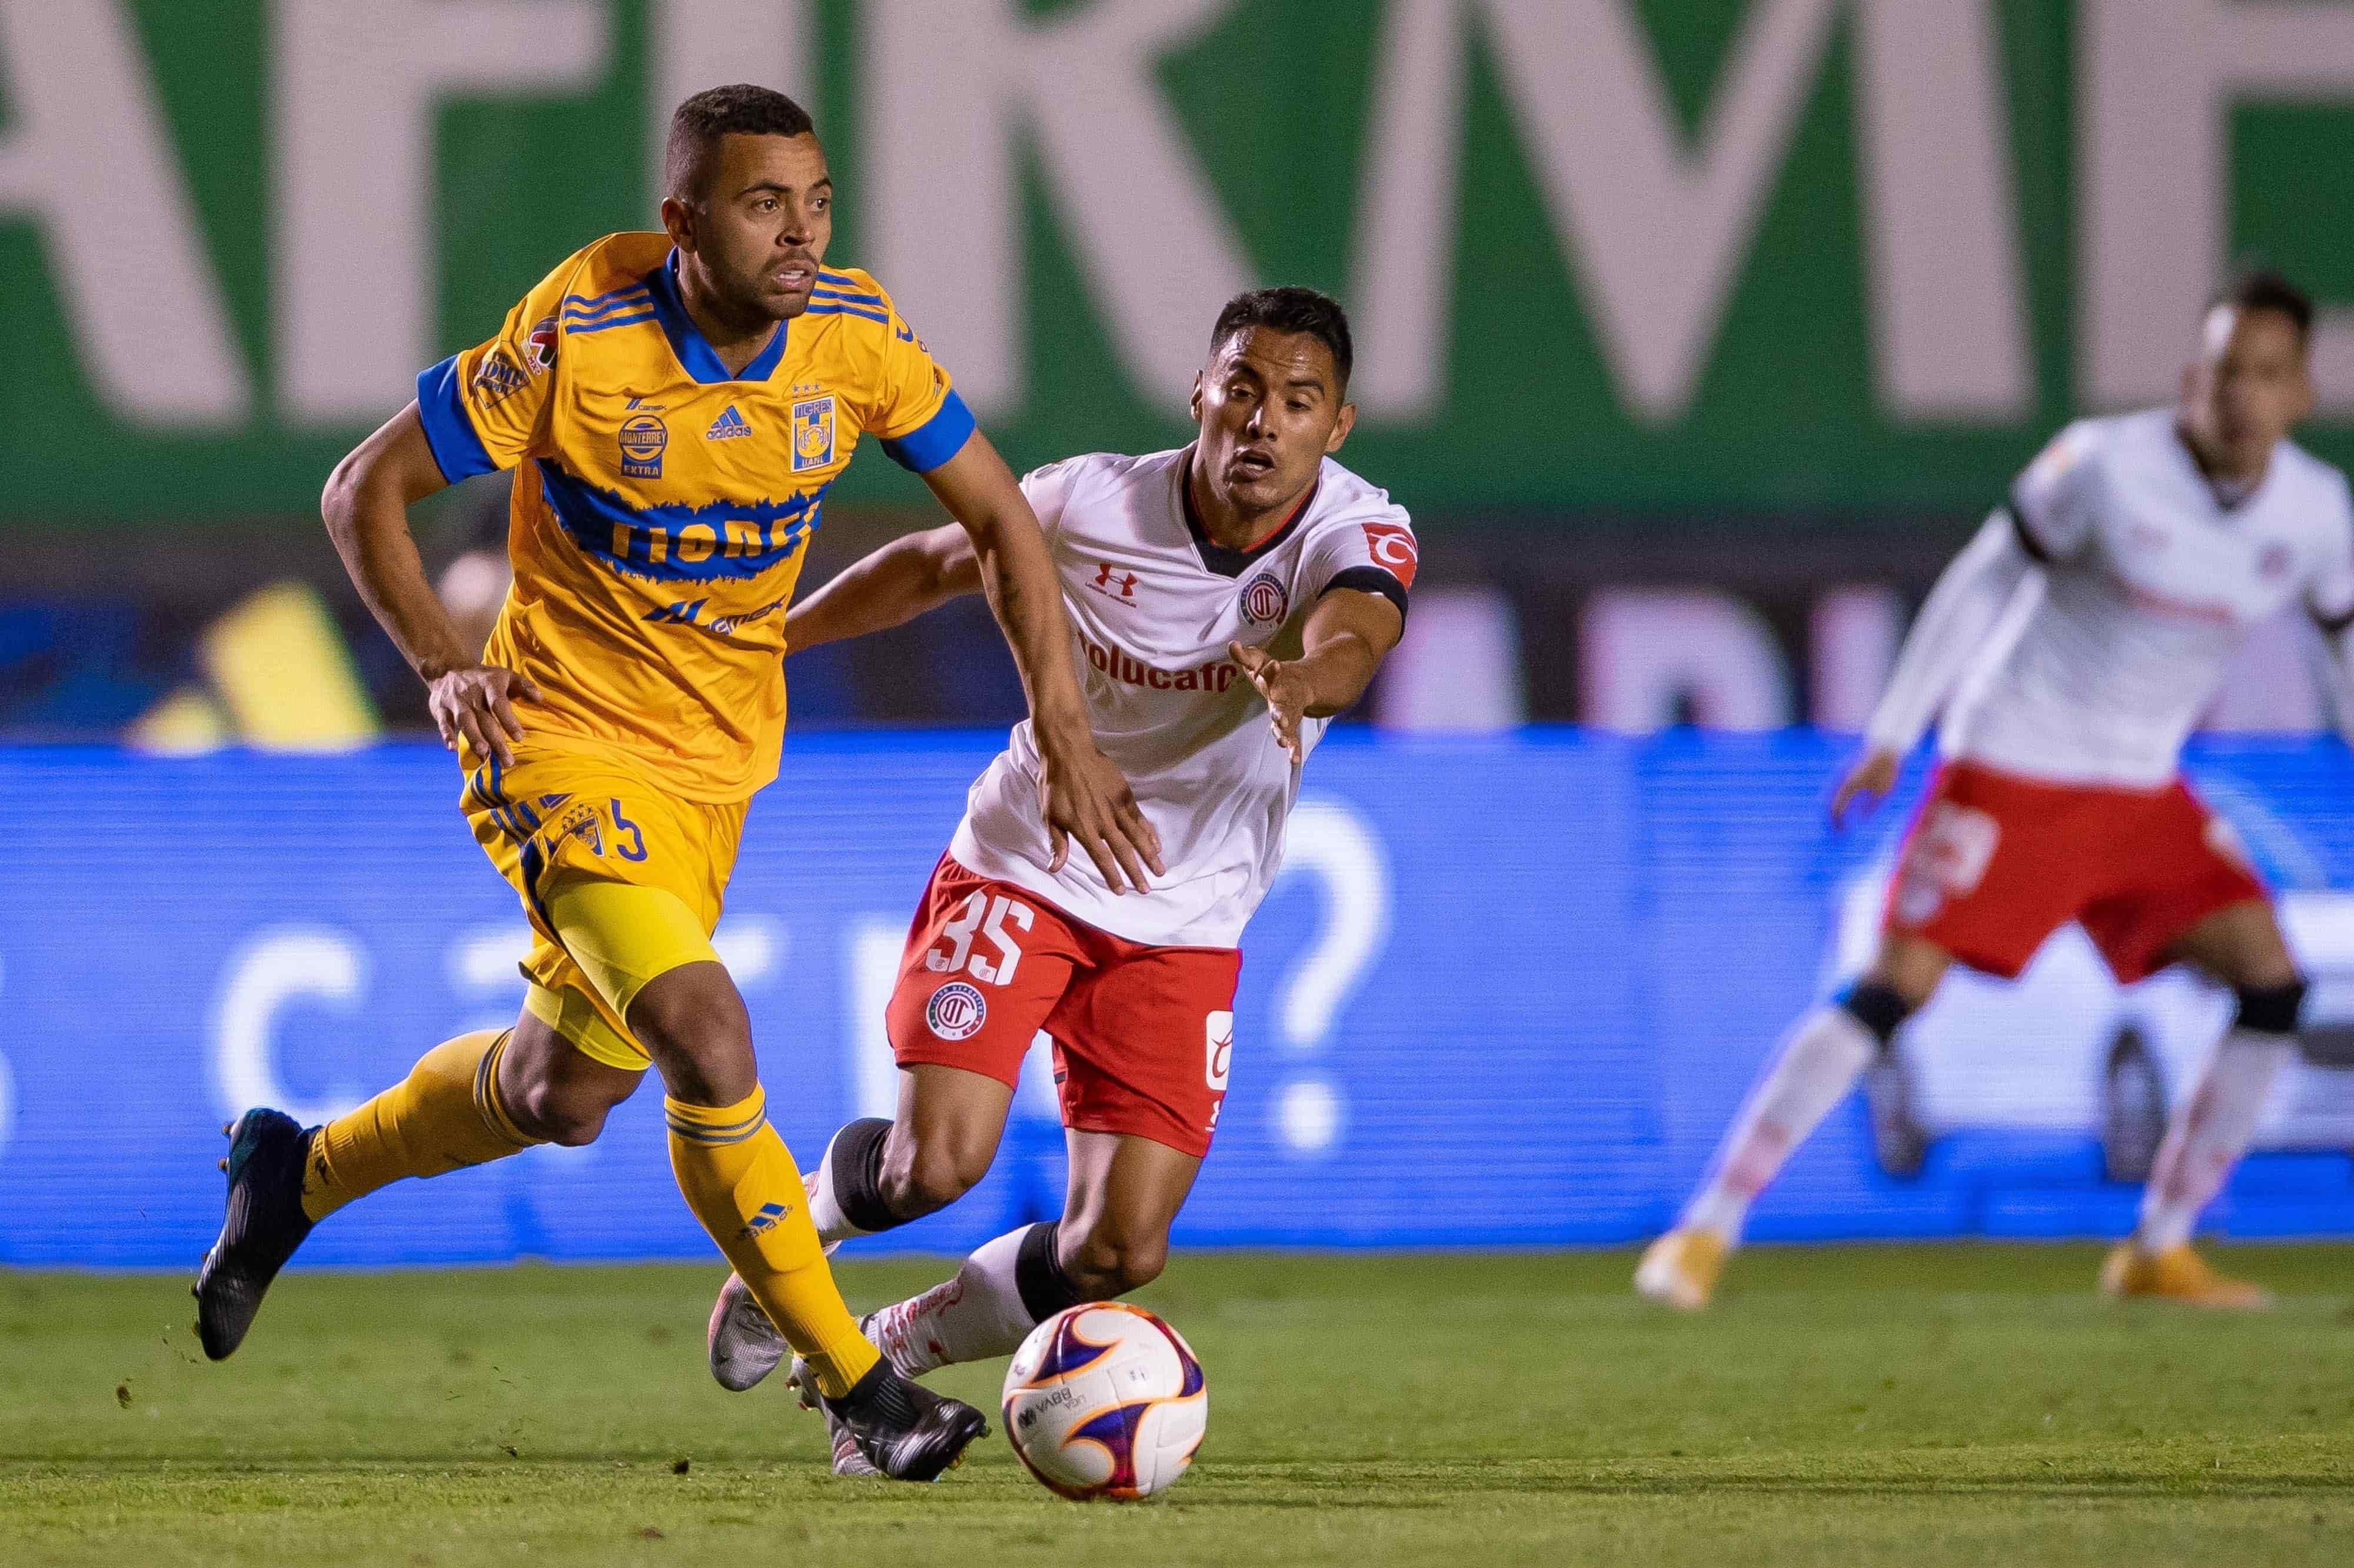 Tigres 0-1 Toluca